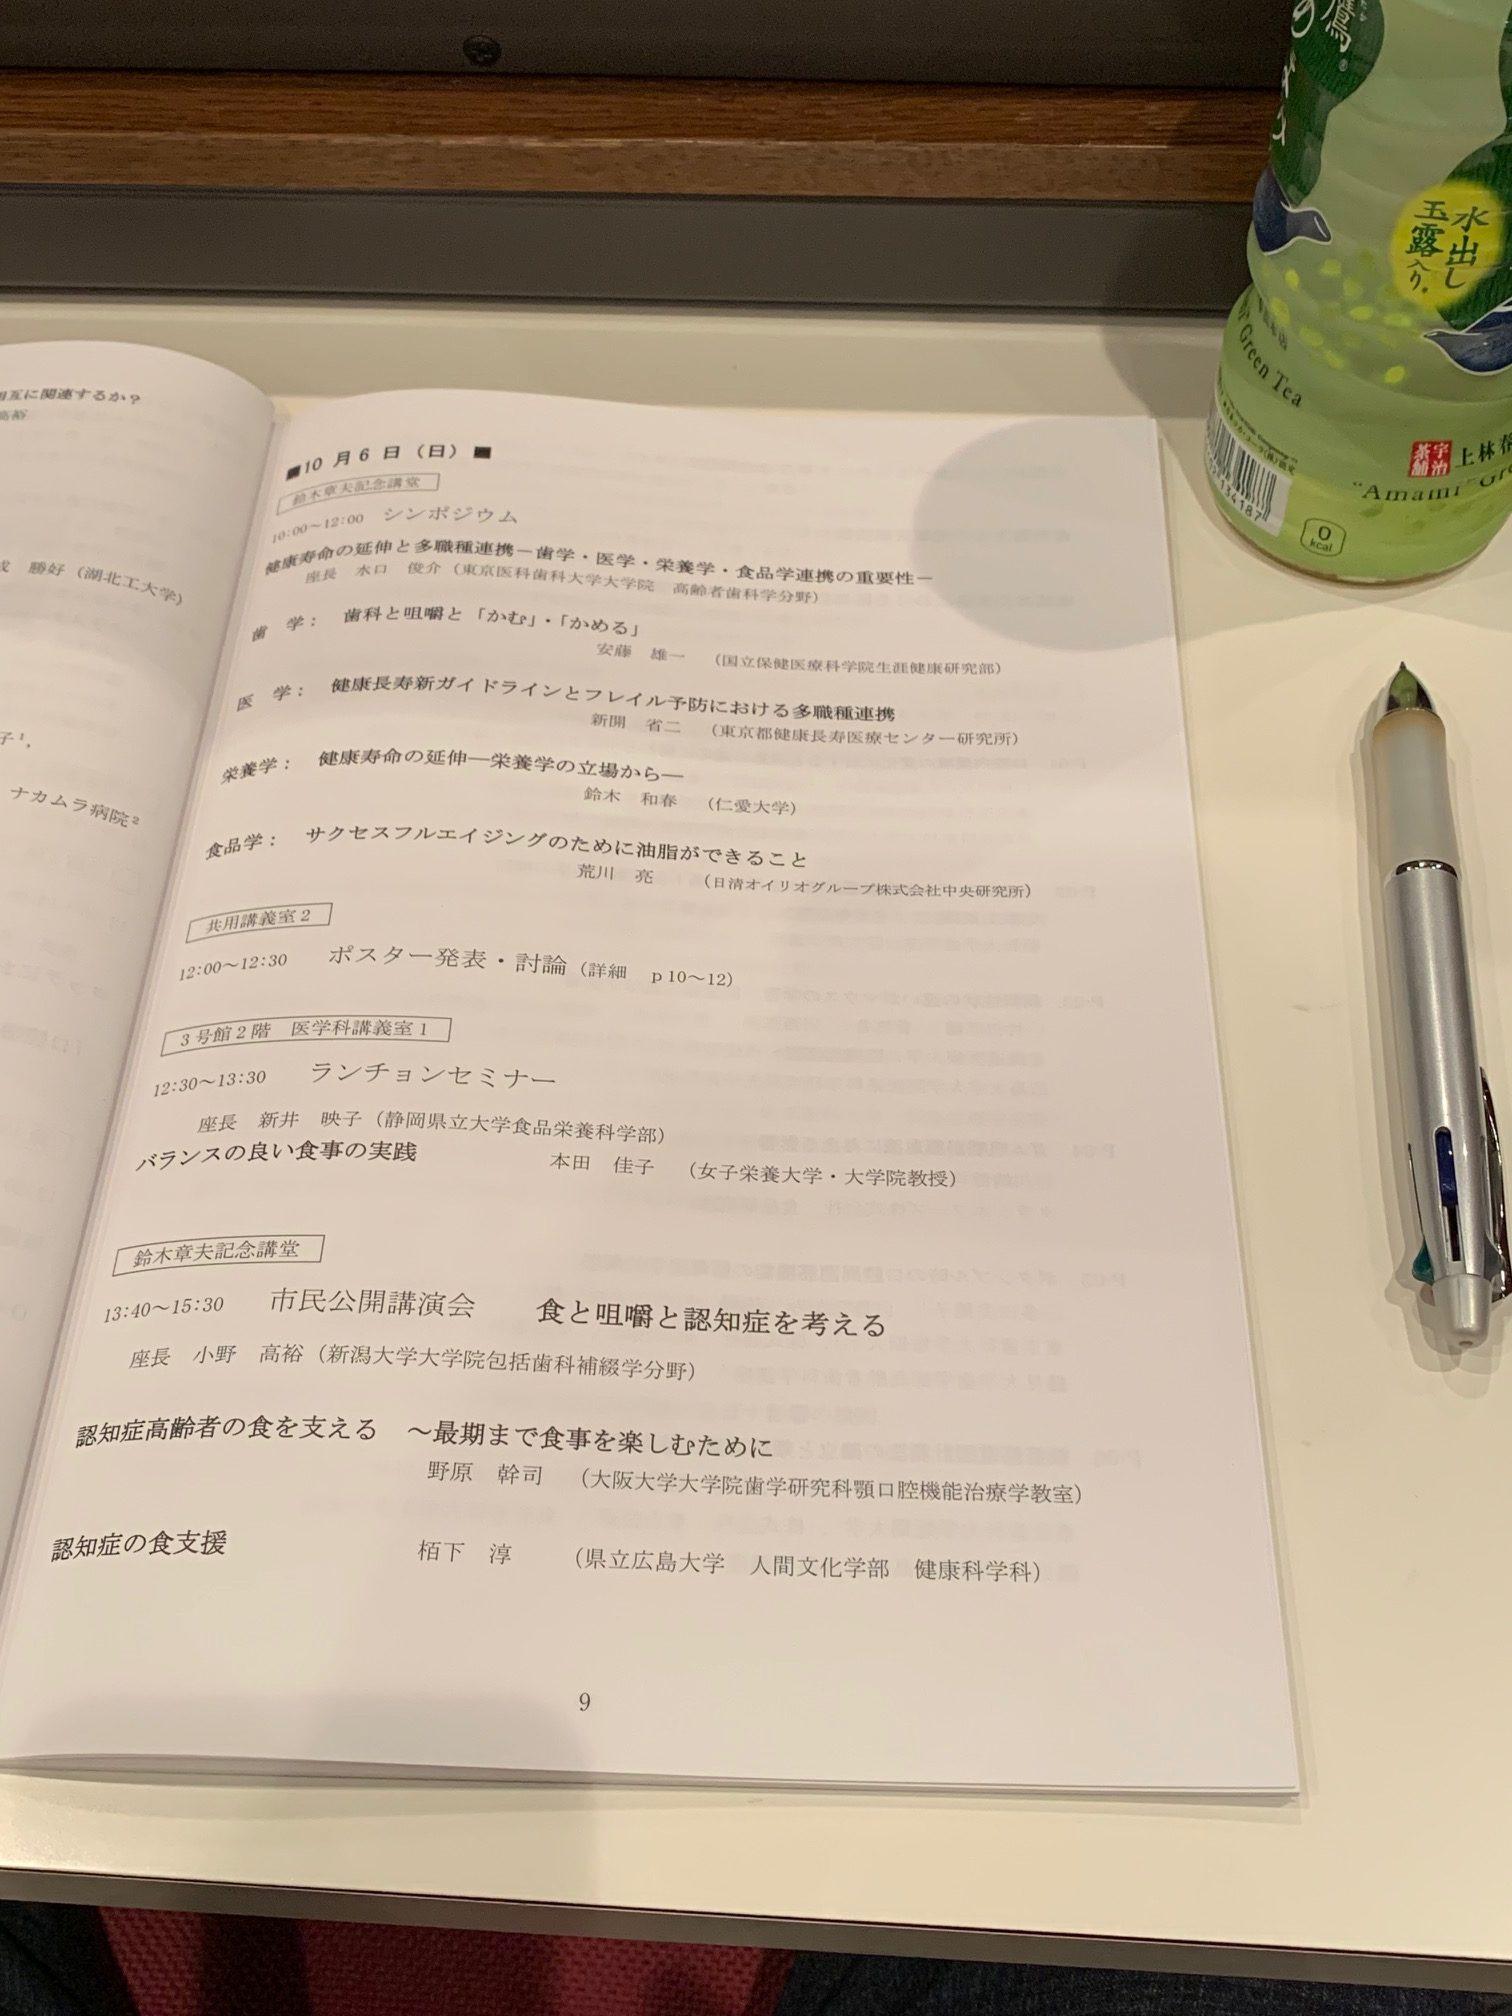 日本咀嚼学会